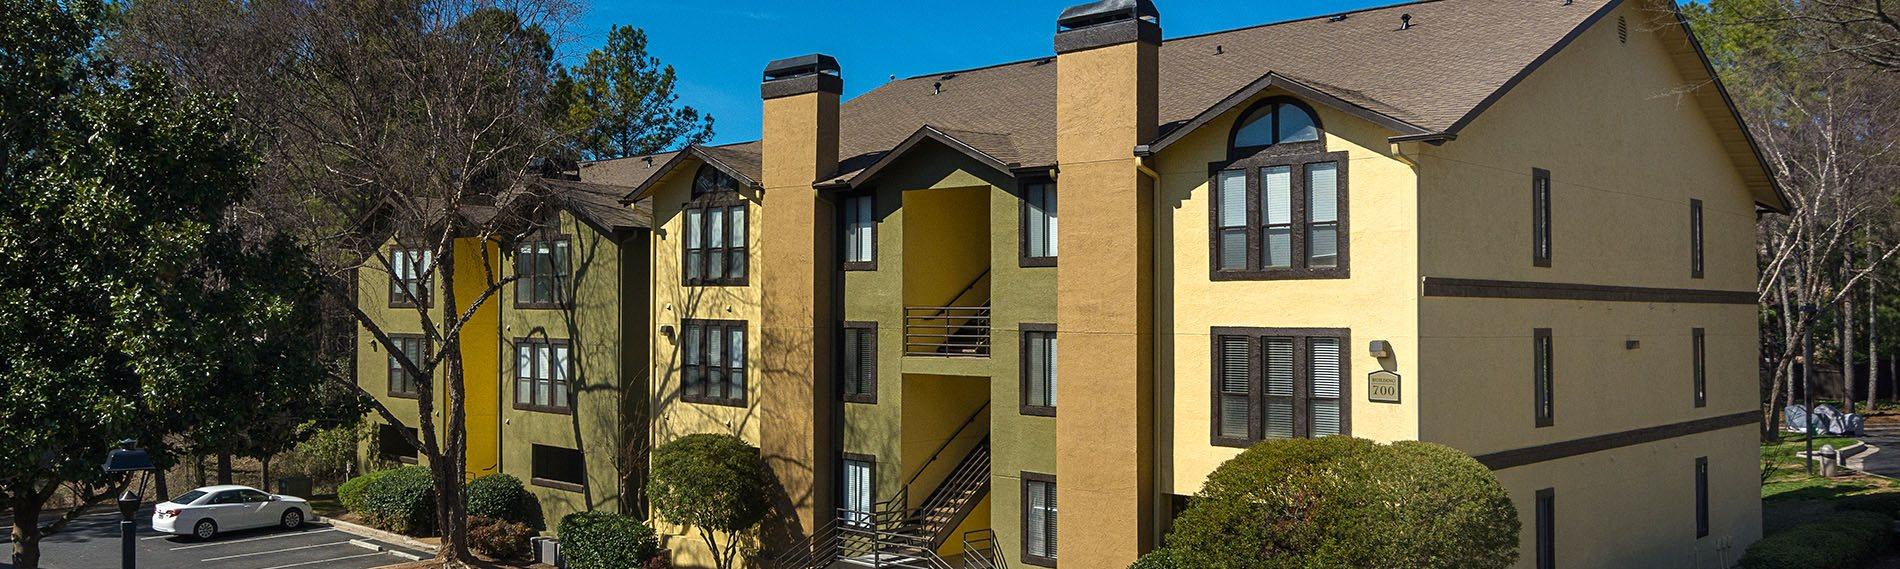 Community Buildings at Waterford Place Apartments in Atlanta, Georgia, GA